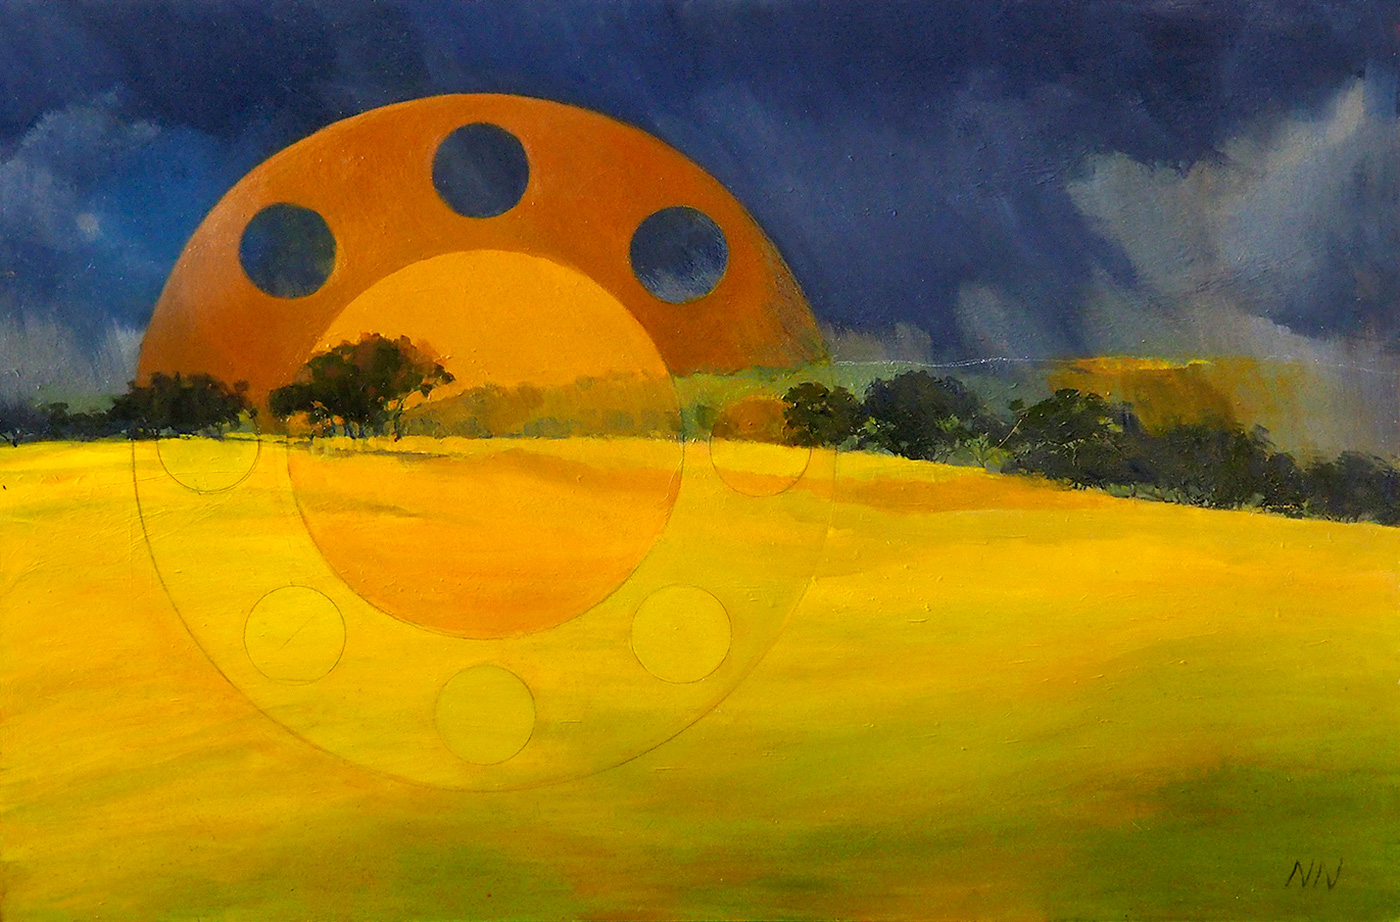 Nicola Neutze - 'Sky Mandala'